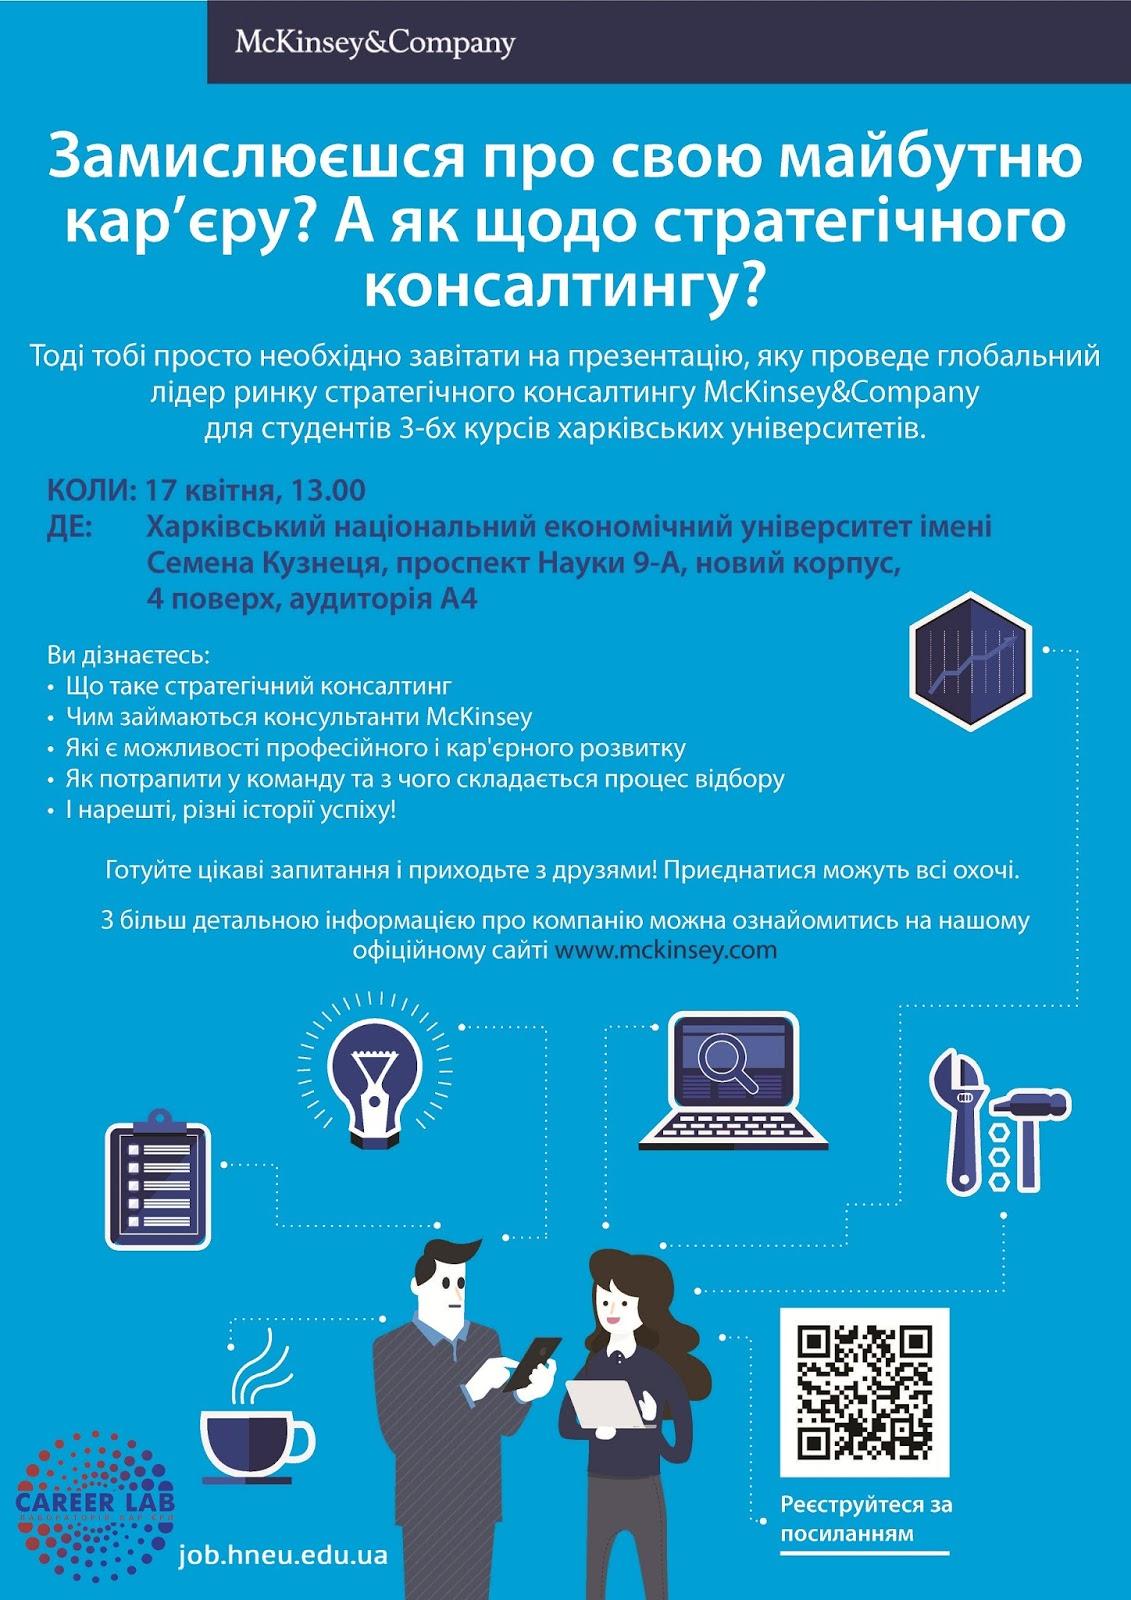 Запрошуємо на презентацію McKinsey&Company